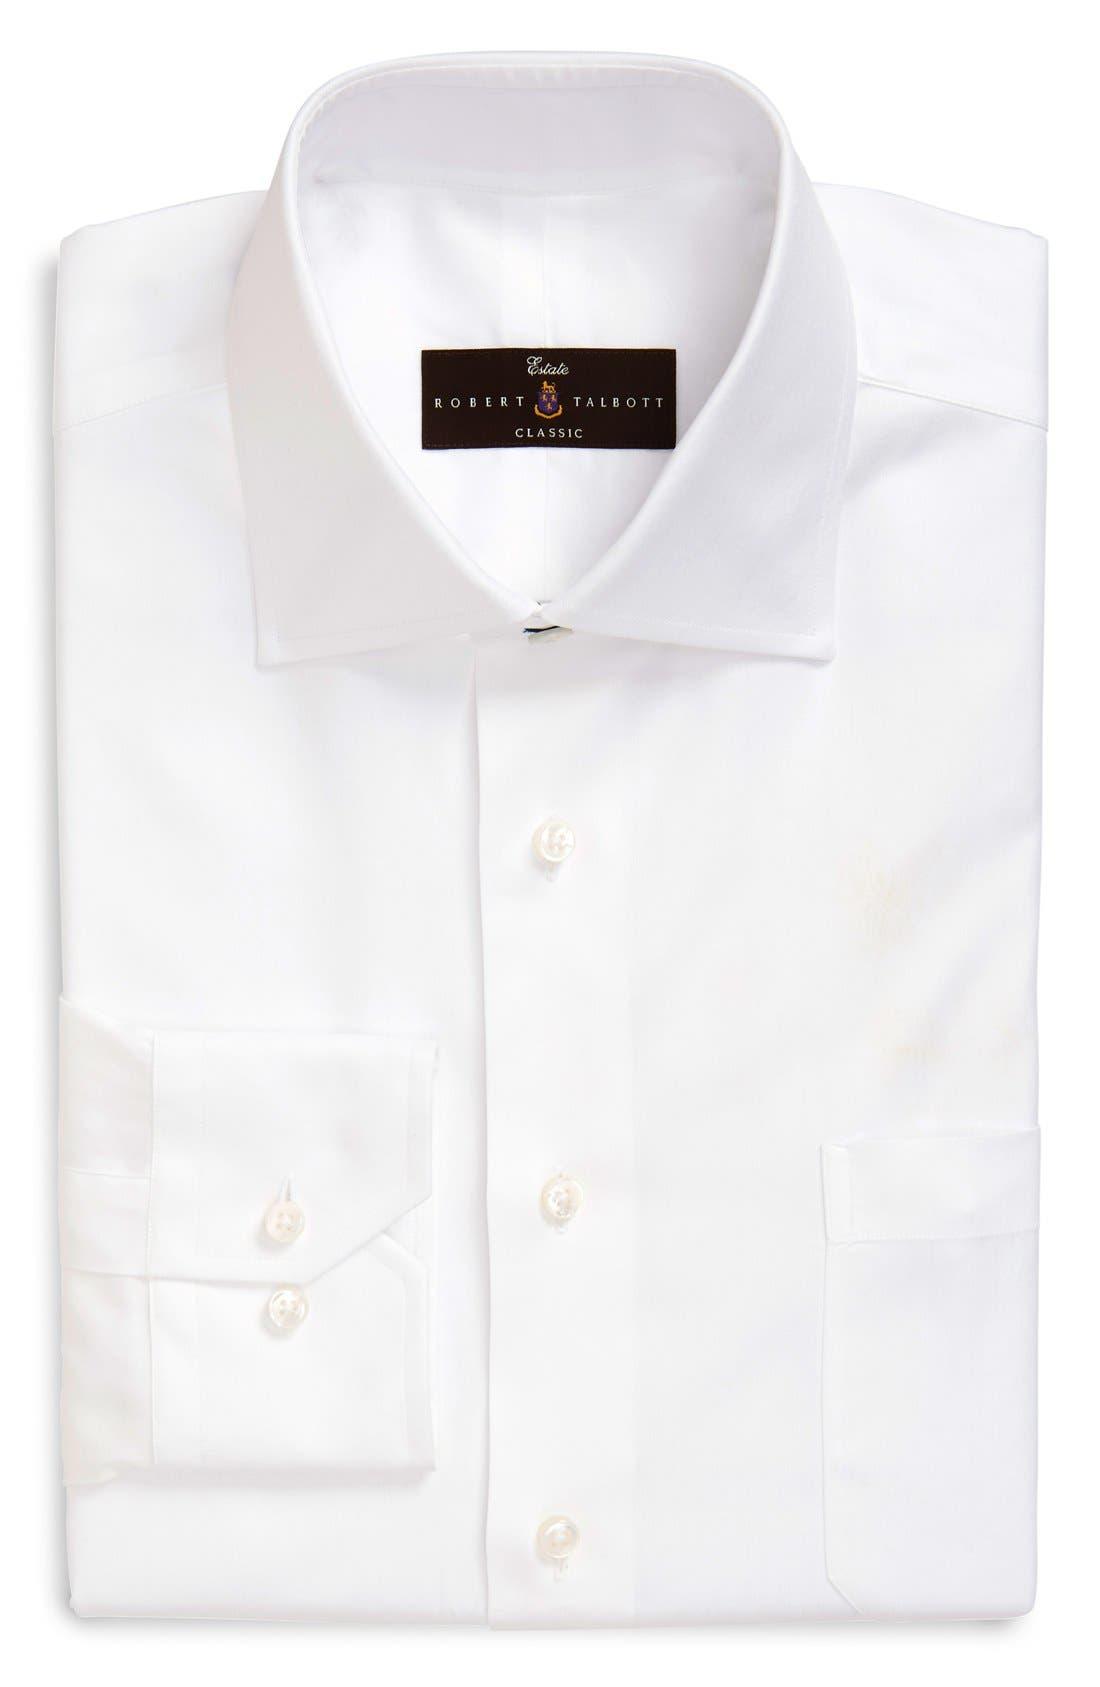 Robert Talbott Regular Fit Solid Dress Shirt